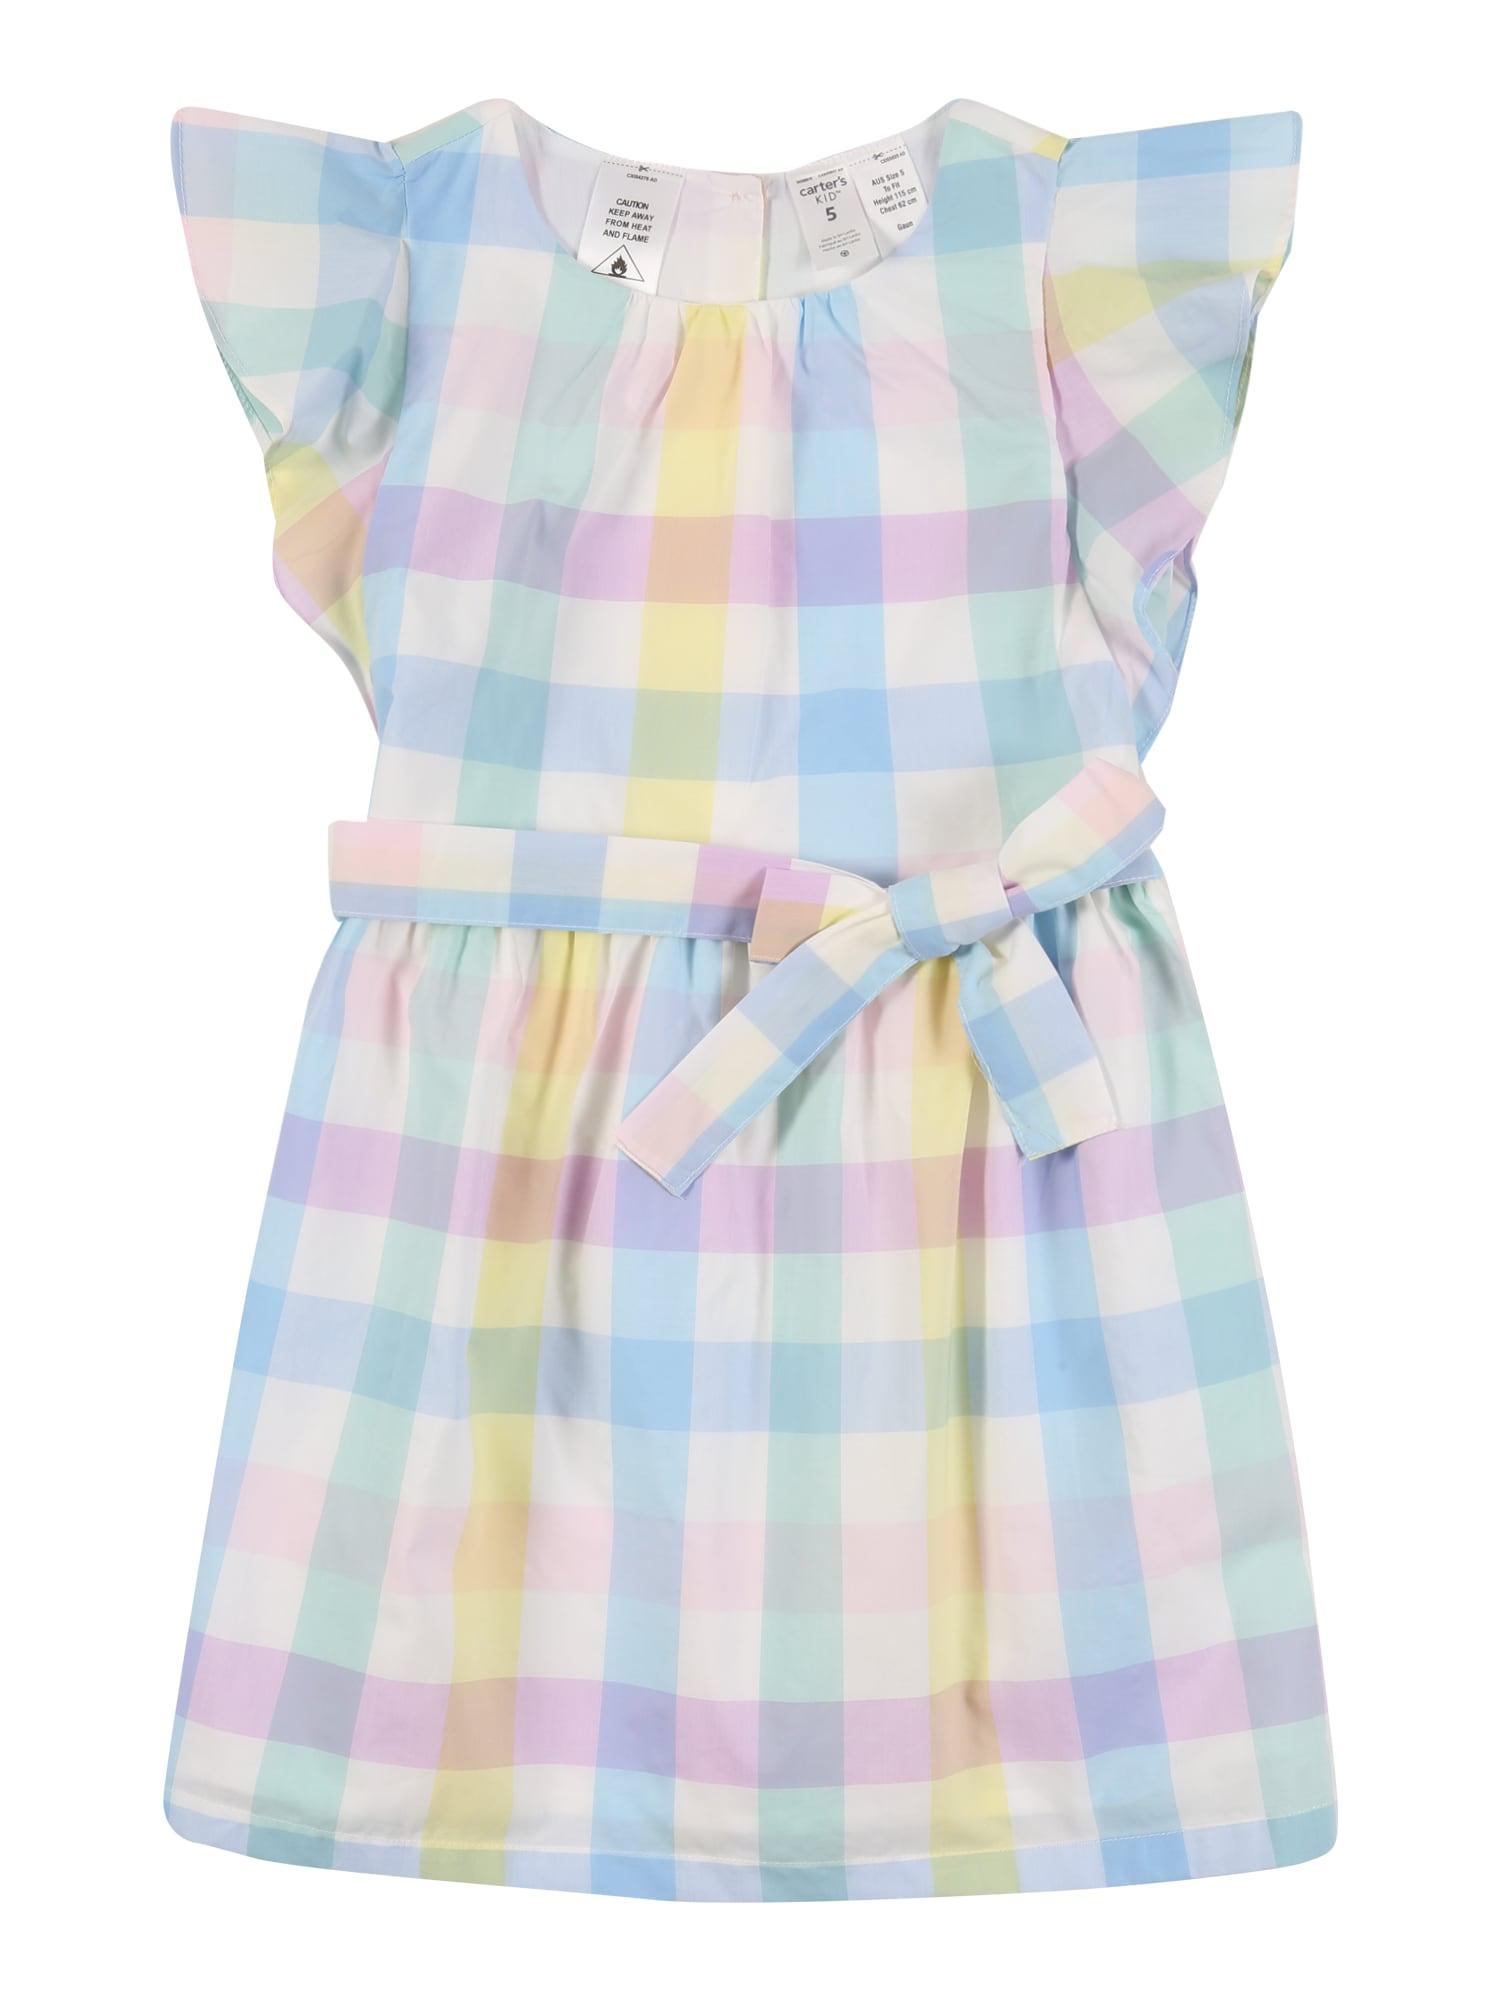 Carter's Suknelė 'Easter Collection S20 ' mišrios spalvos